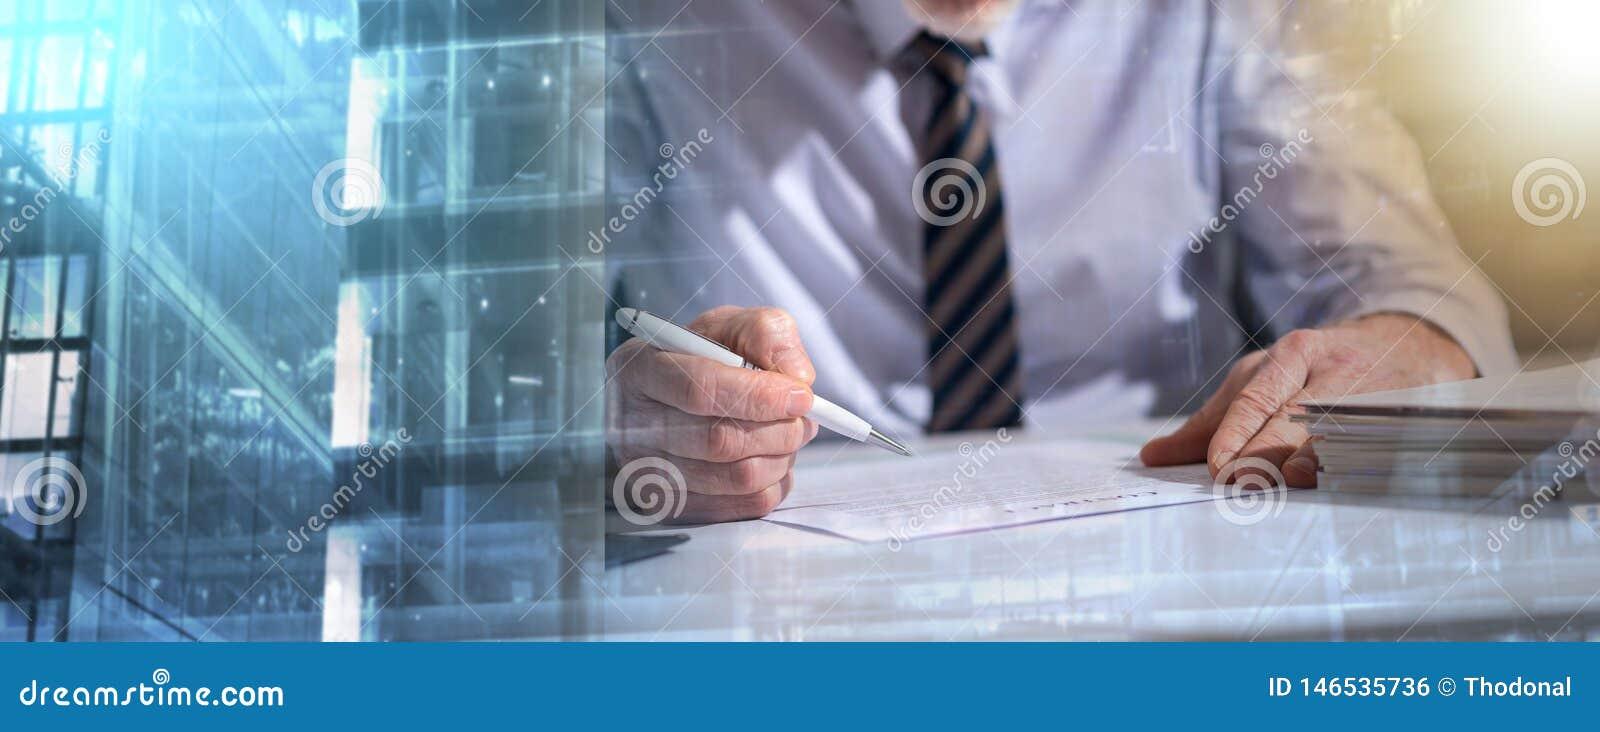 Uomo d affari che controlla un documento; esposizione multipla